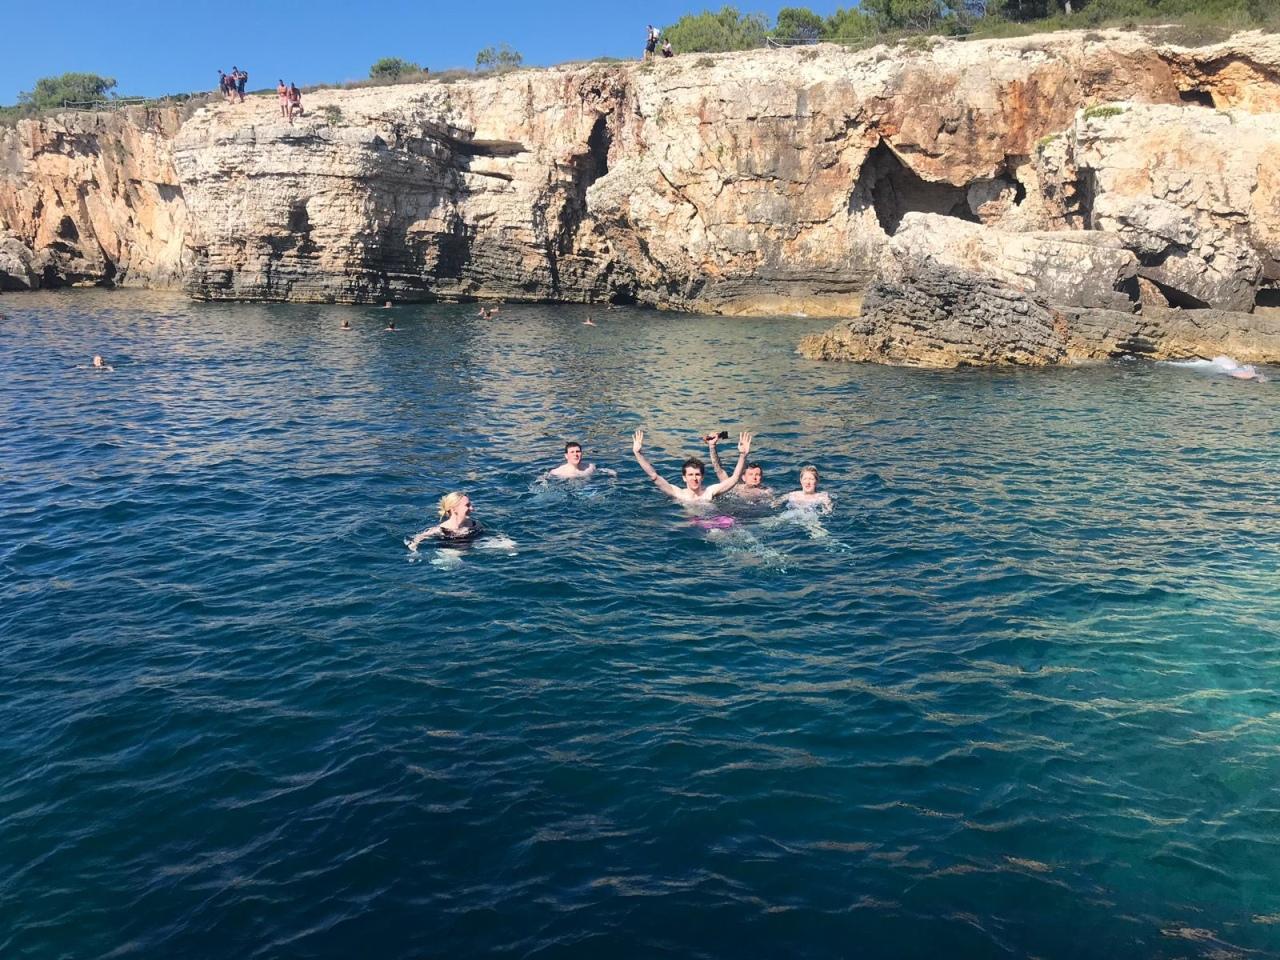 cape kamenjak cliff jump croatia